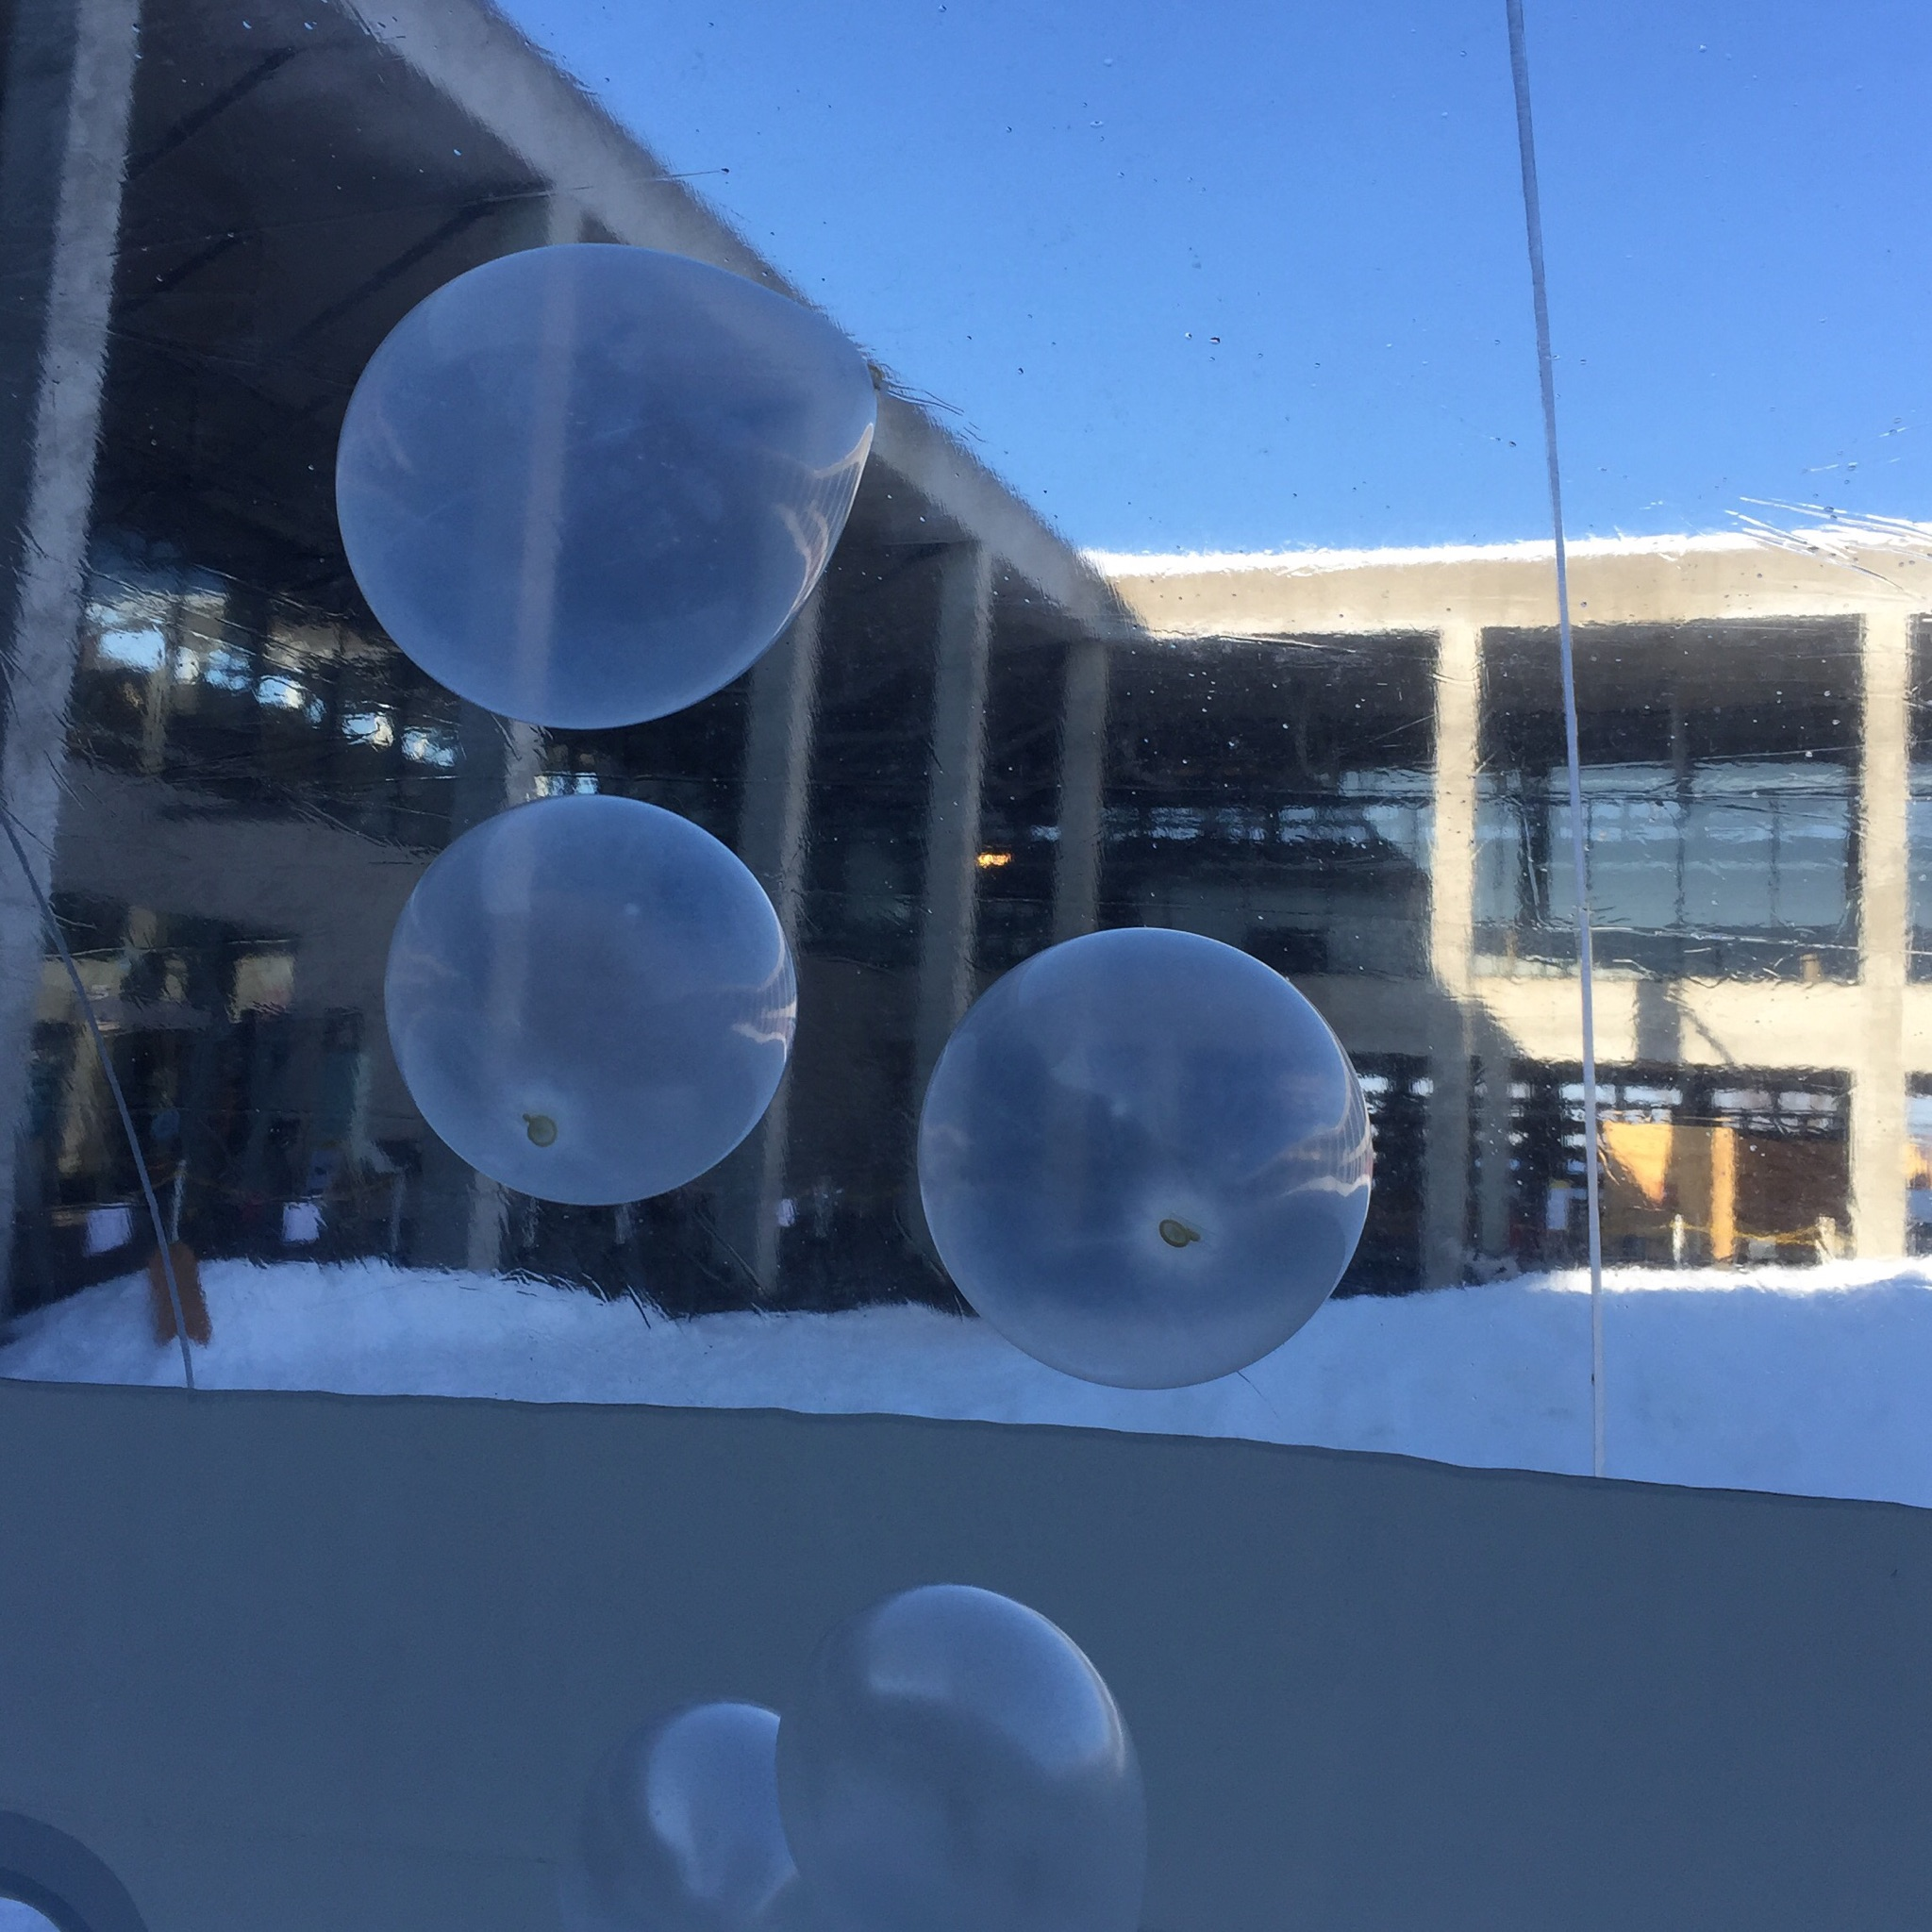 雪遊び博覧会 キナーレ